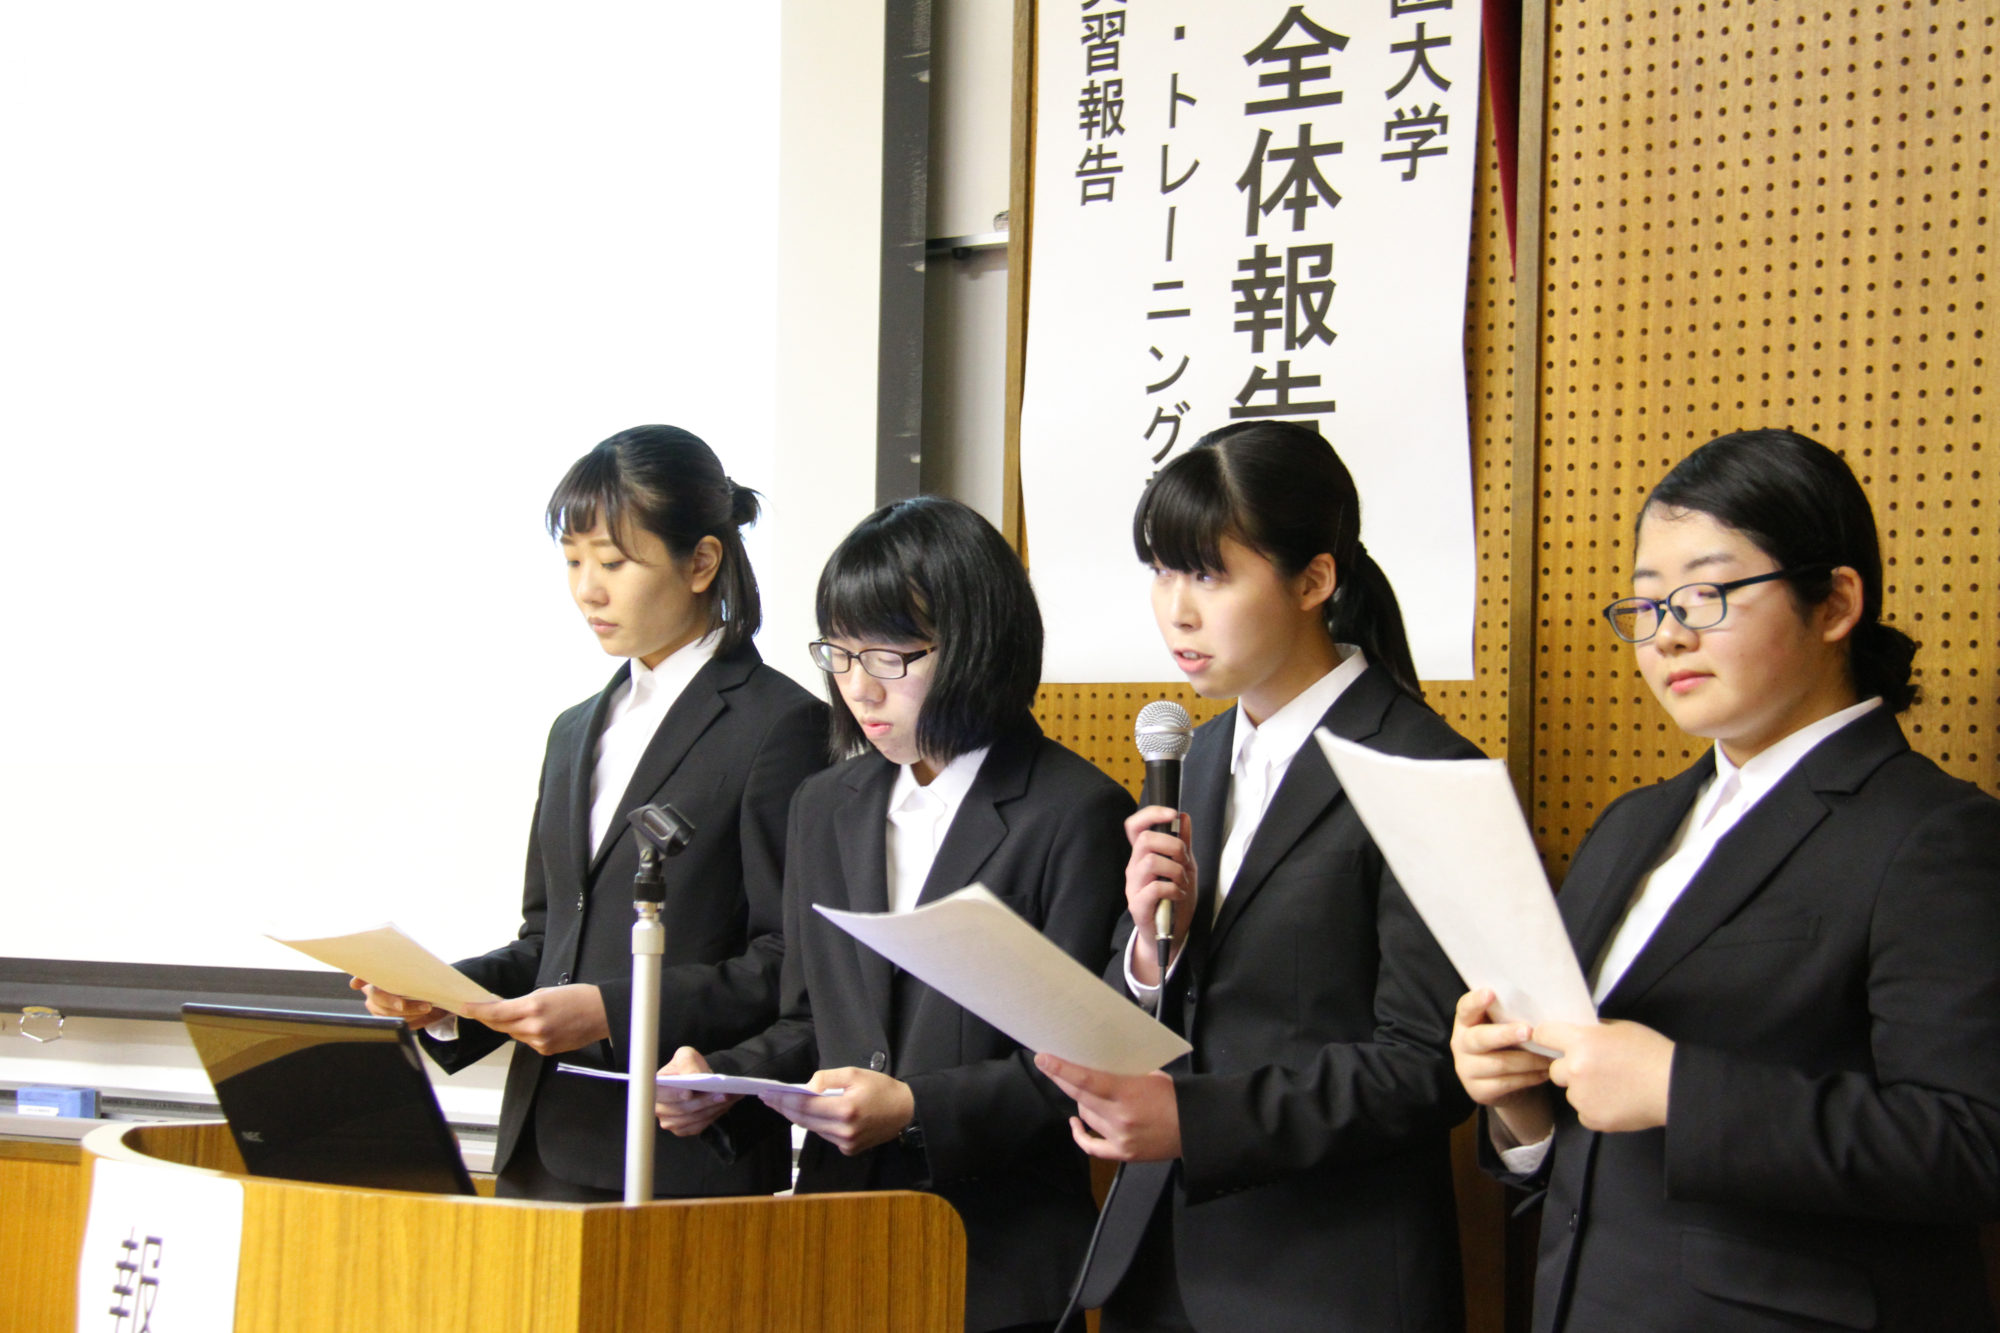 共生社会学科の活動を振り返る、全体報告会を実施しました